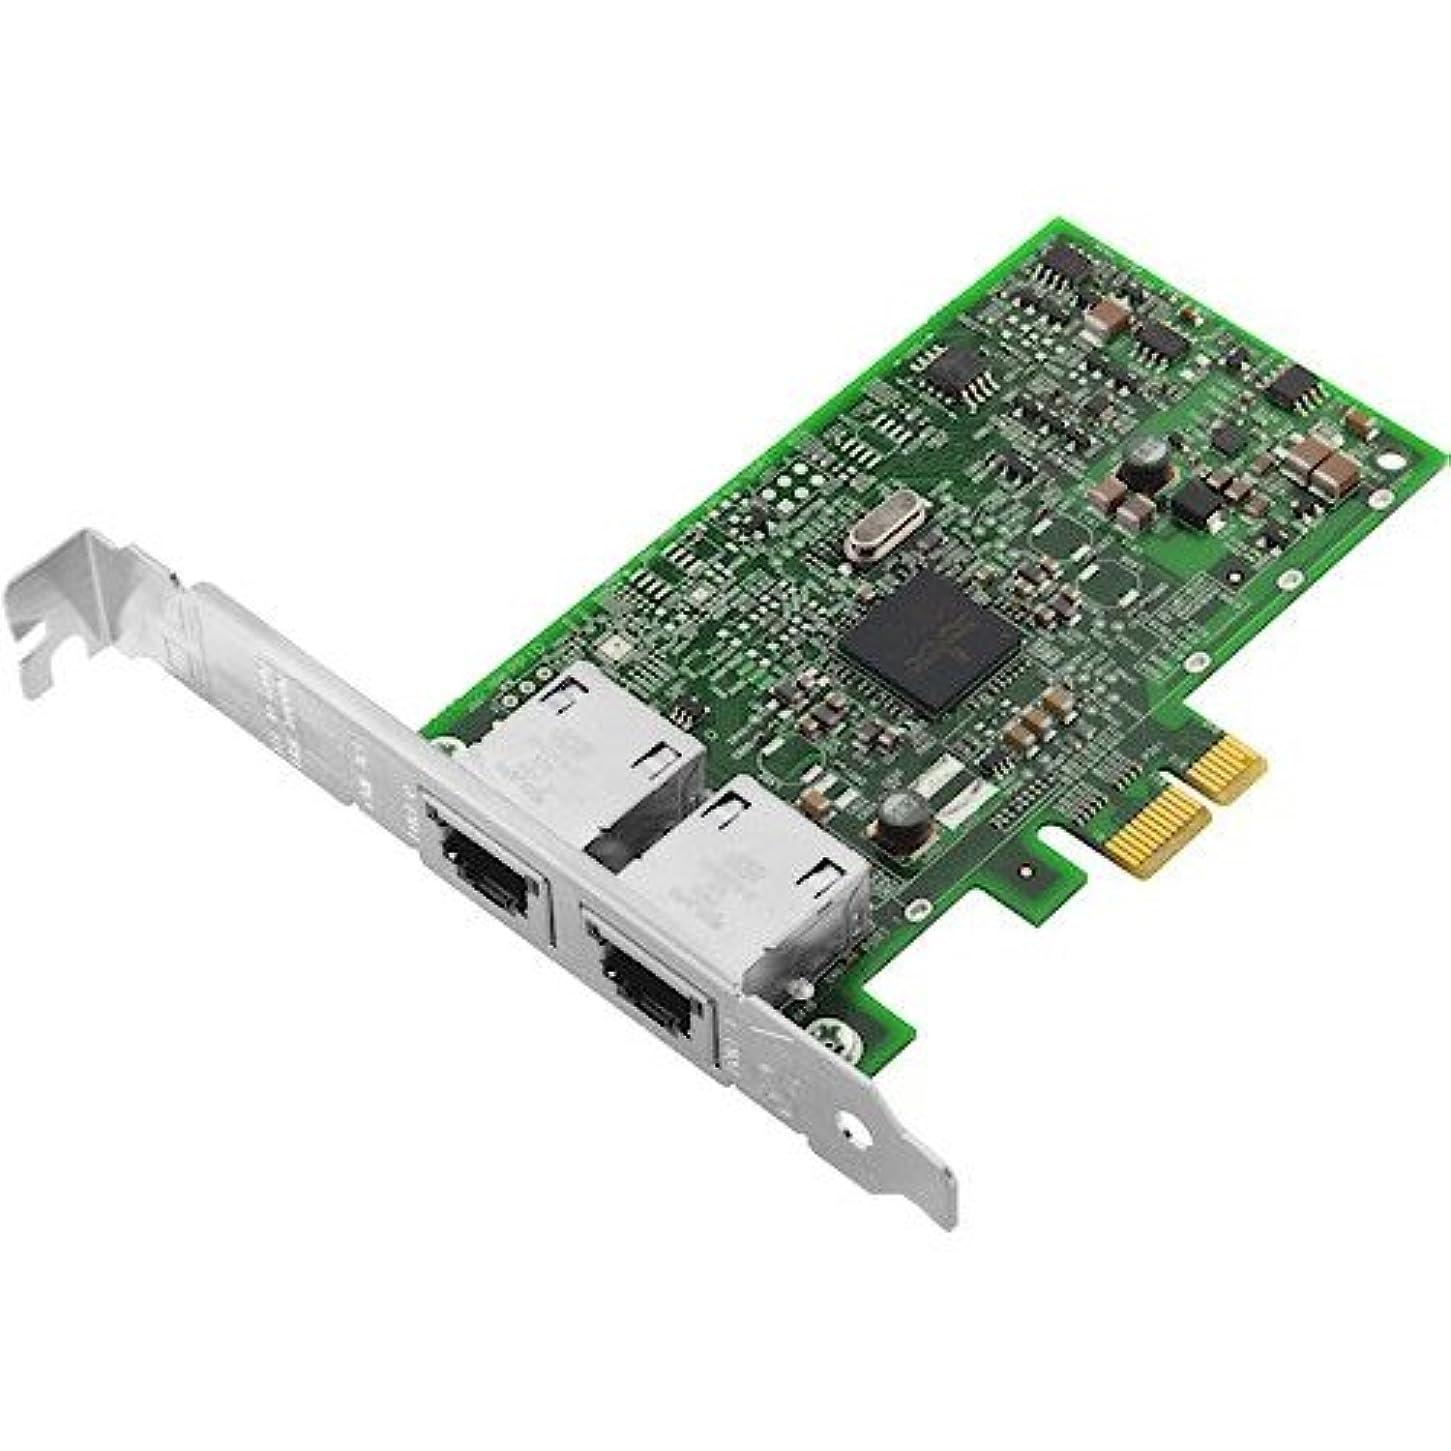 シャベル仮称キャロラインLenovo(旧IBM) 7ZT7A00484 Broadcom NX PCIe 1Gb 4ポート RJ45 Eth Adp